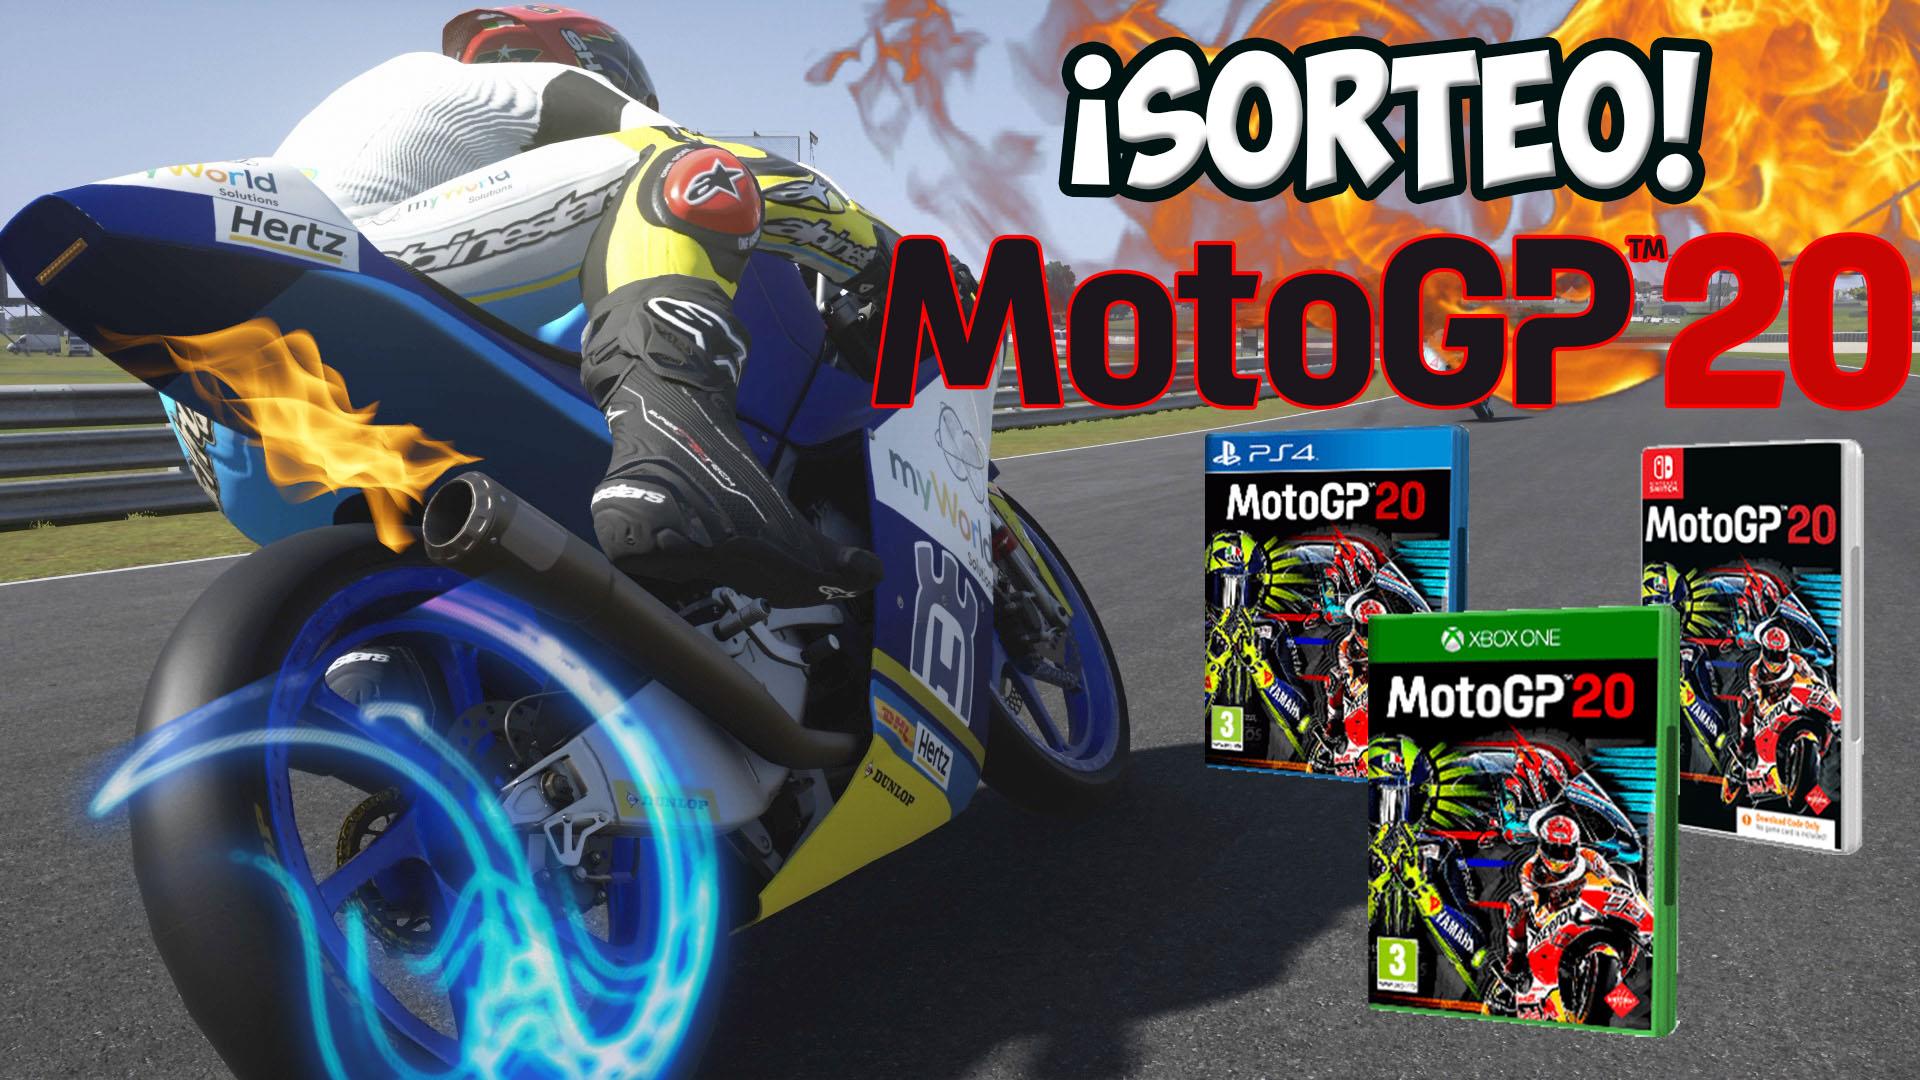 Gran Sorteo Mundial de 5 juegos MotoGP 20